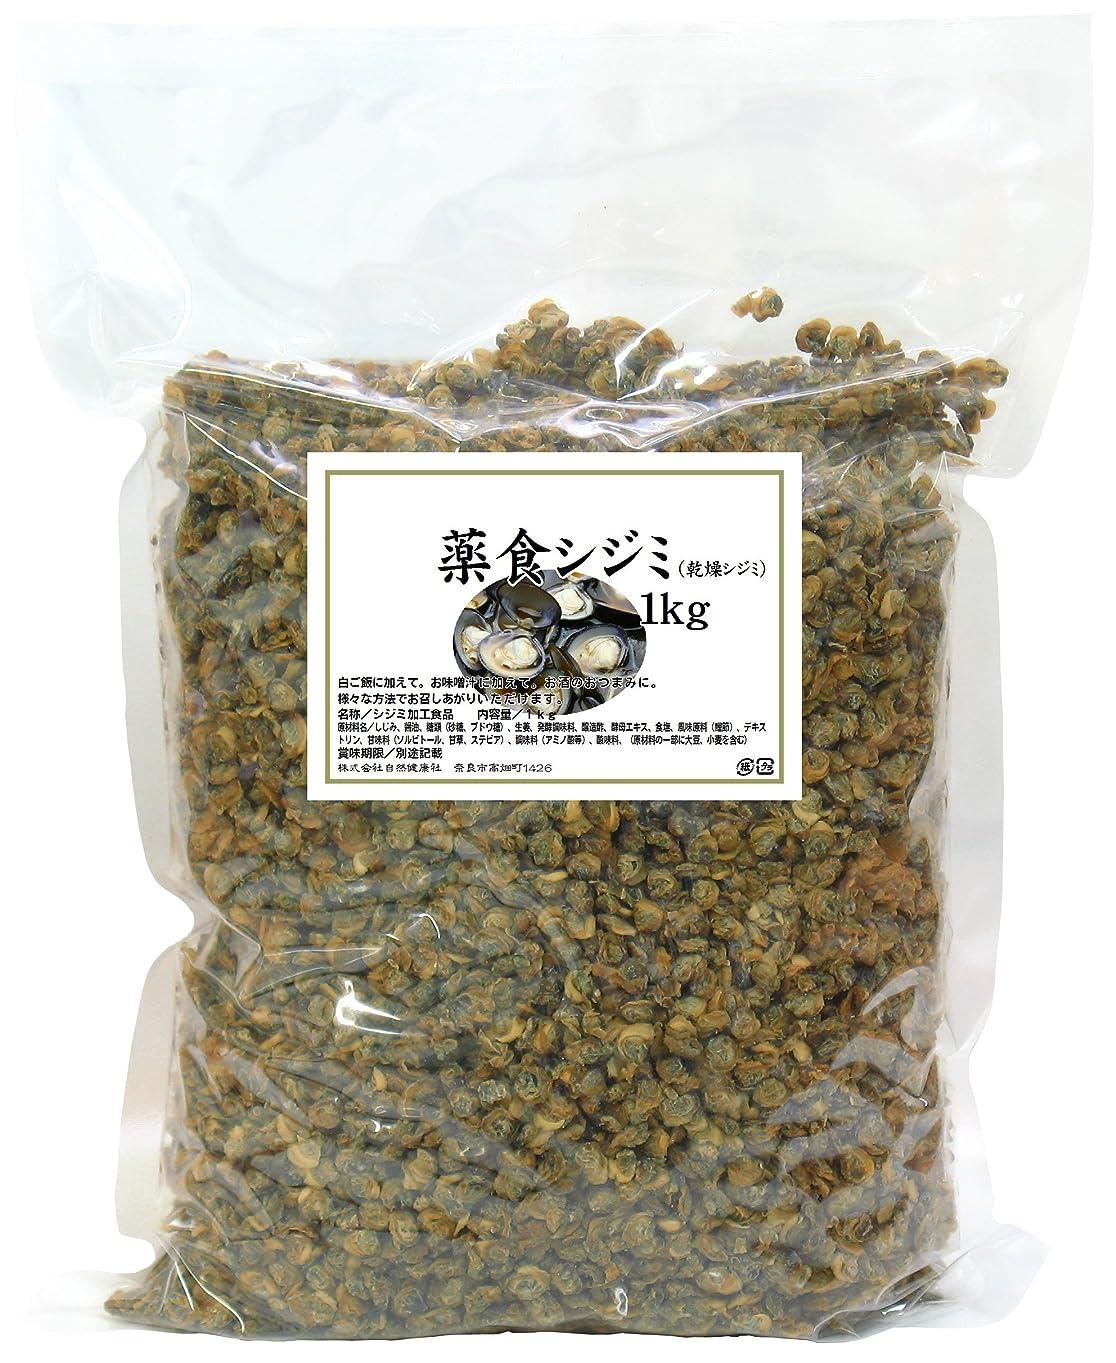 スリップシューズナイトスポット癒す乾燥シジミ1kg タウリン オルニチン 自然食品